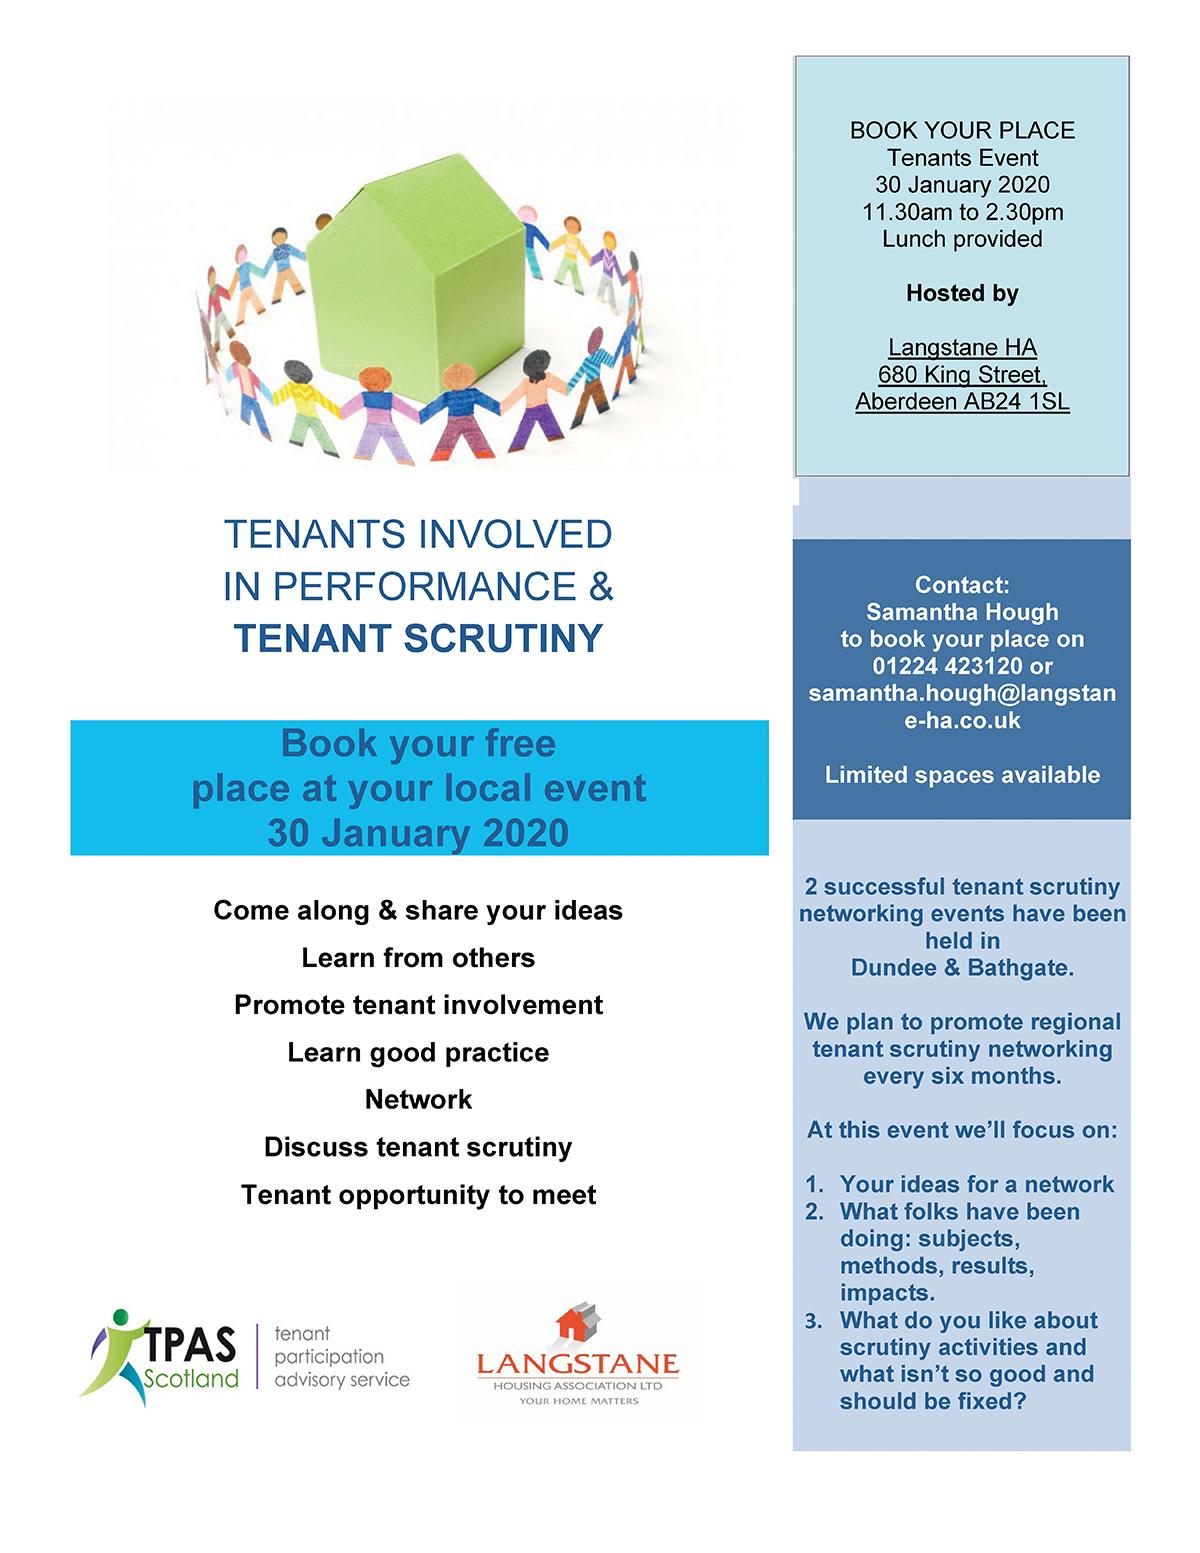 TPAS Event Flyer 06.11.19